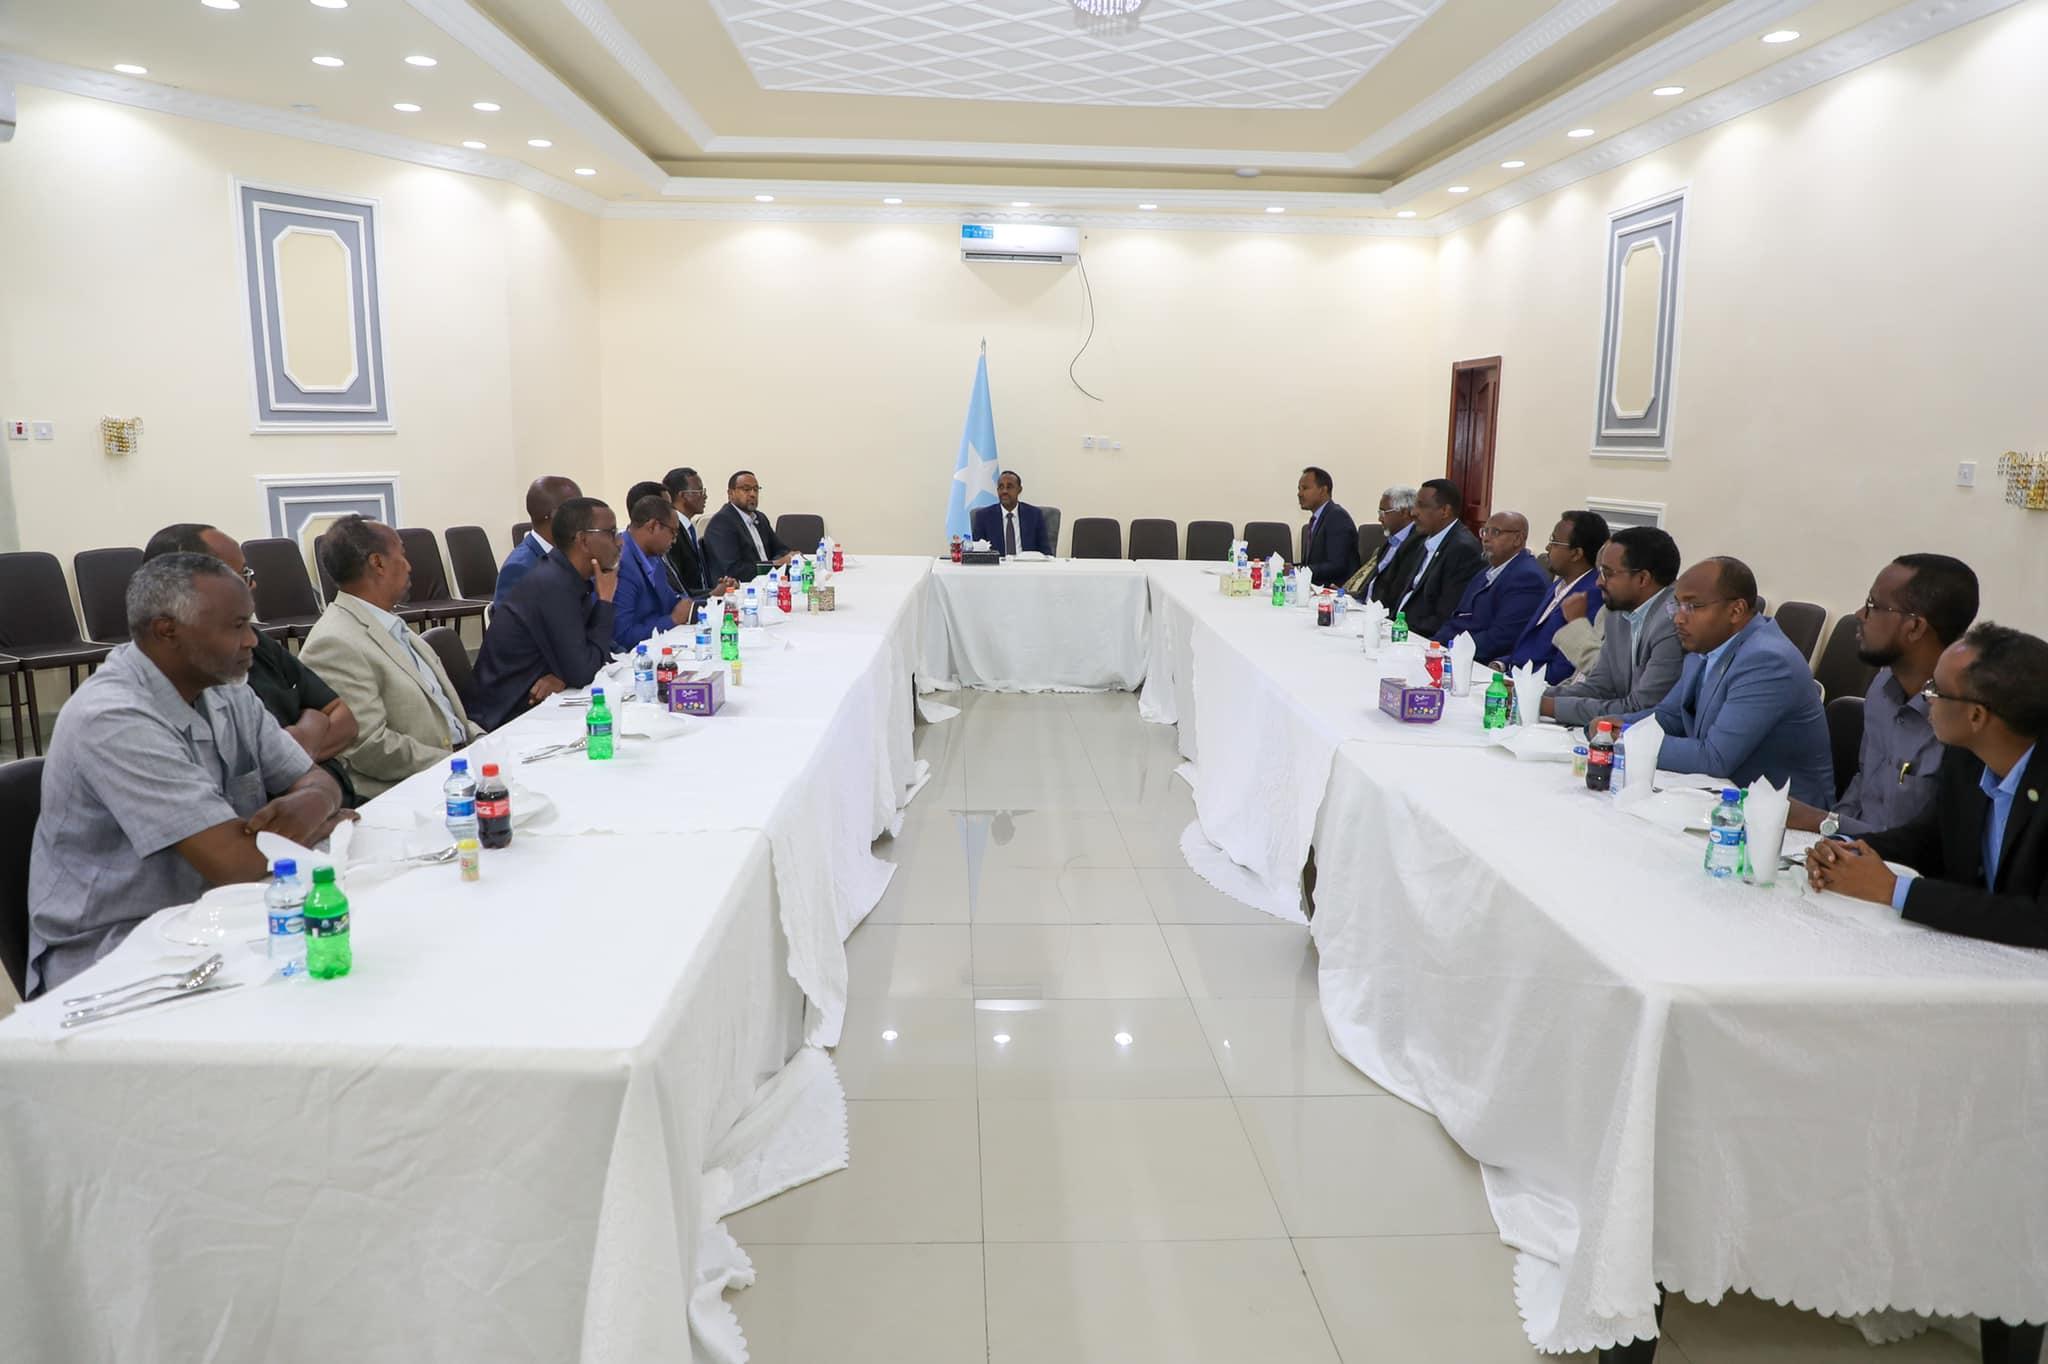 رئيس الوزراء يجتمع مع لجنة من الجامعات الخاصة